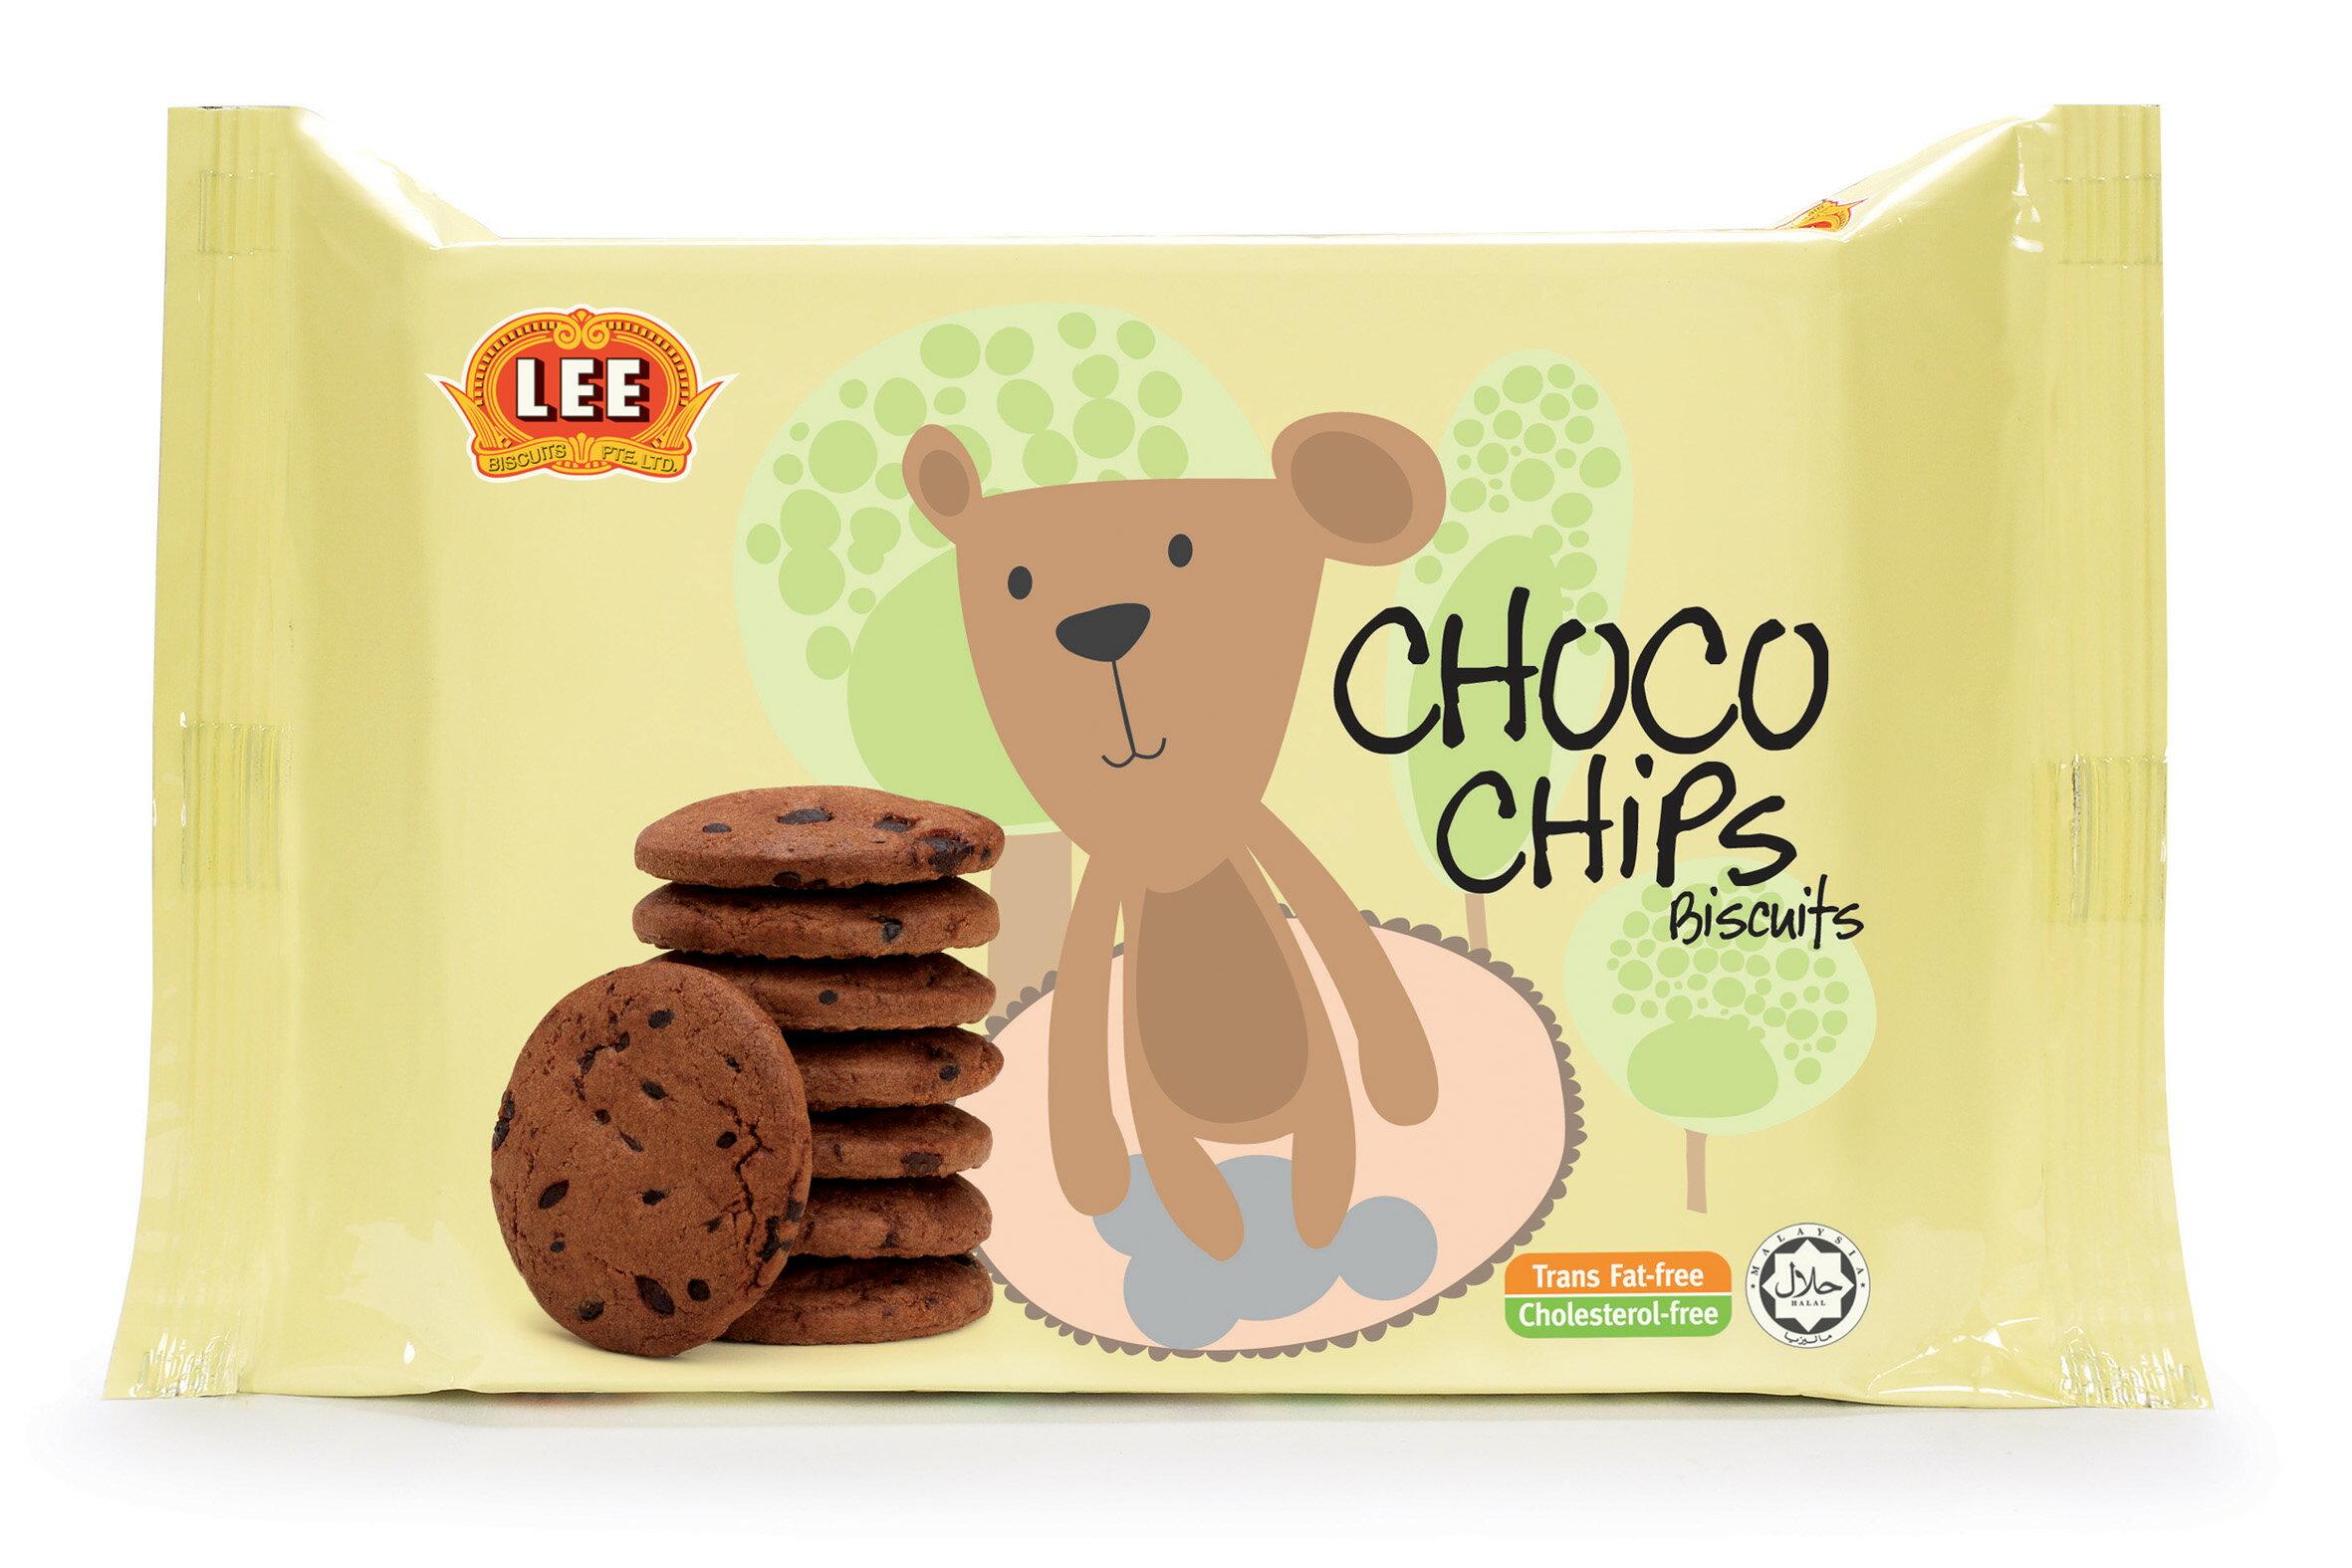 ★特惠7折★ Lee小熊餅乾 -巧克力口味 ? 馬來西亞原裝進口